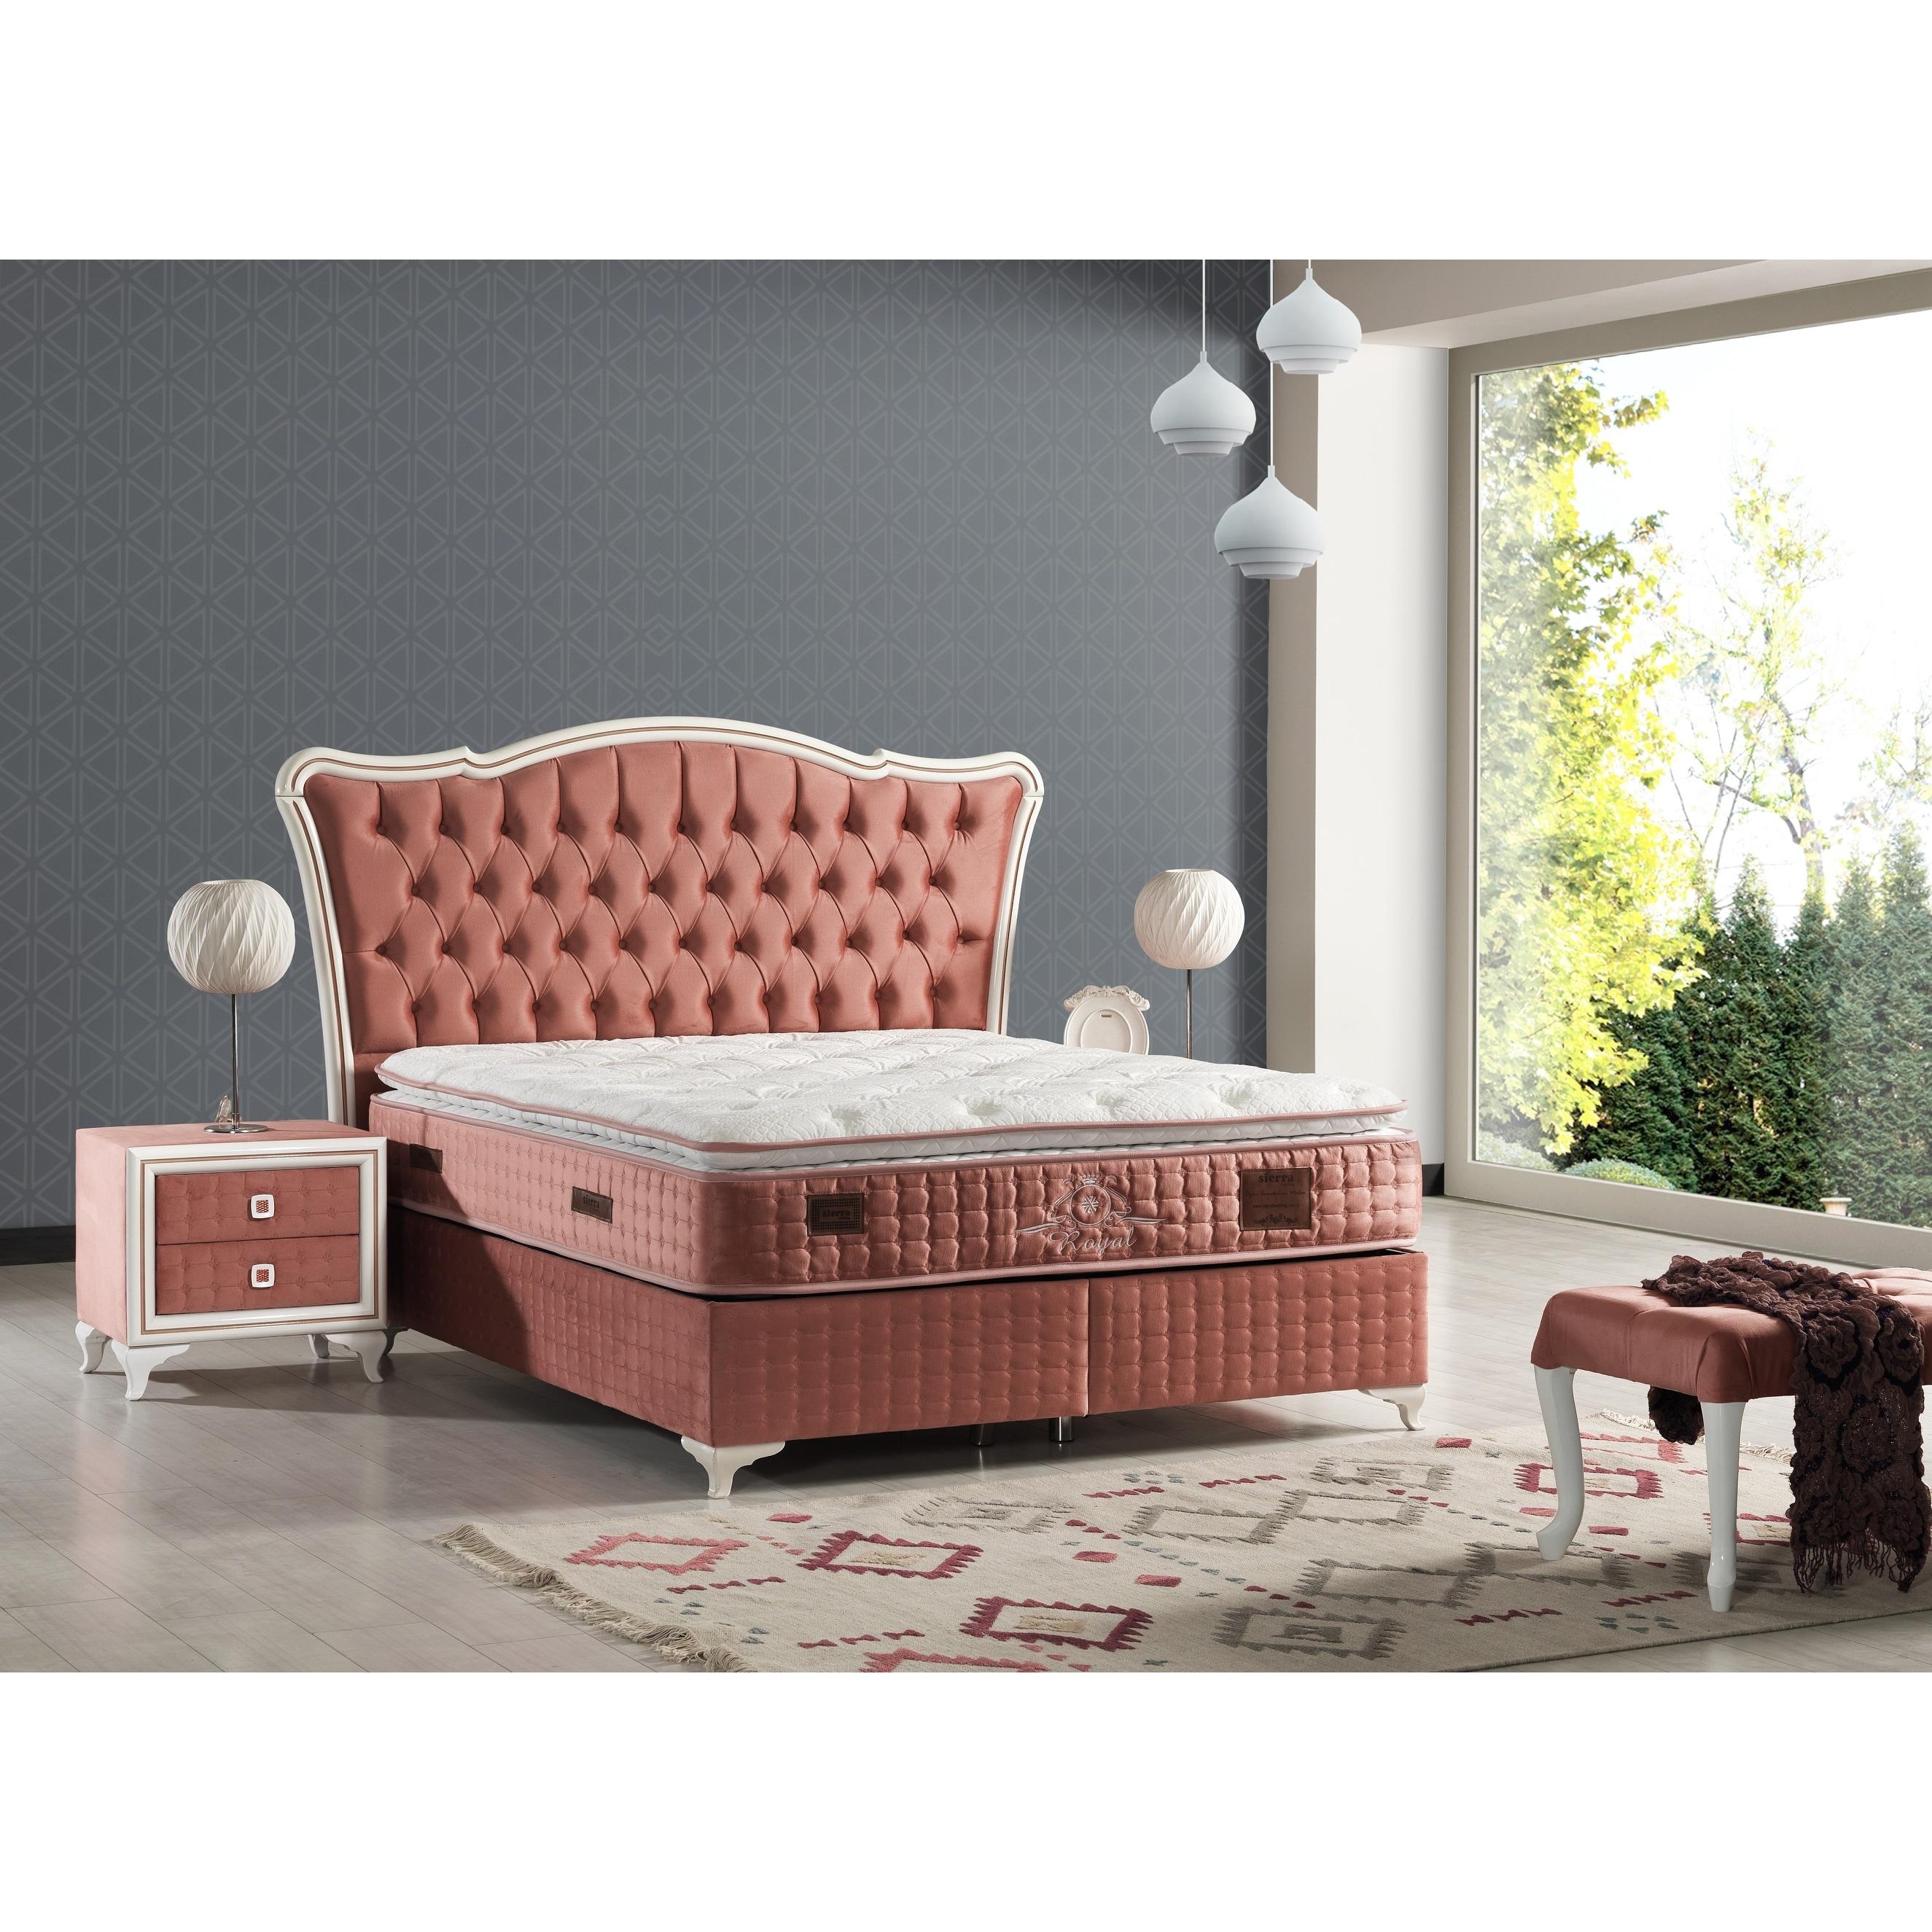 Ragner Modern Bedroom Set King Size 200 200 Storage Bed Mattress Bench On Sale Overstock 32700663